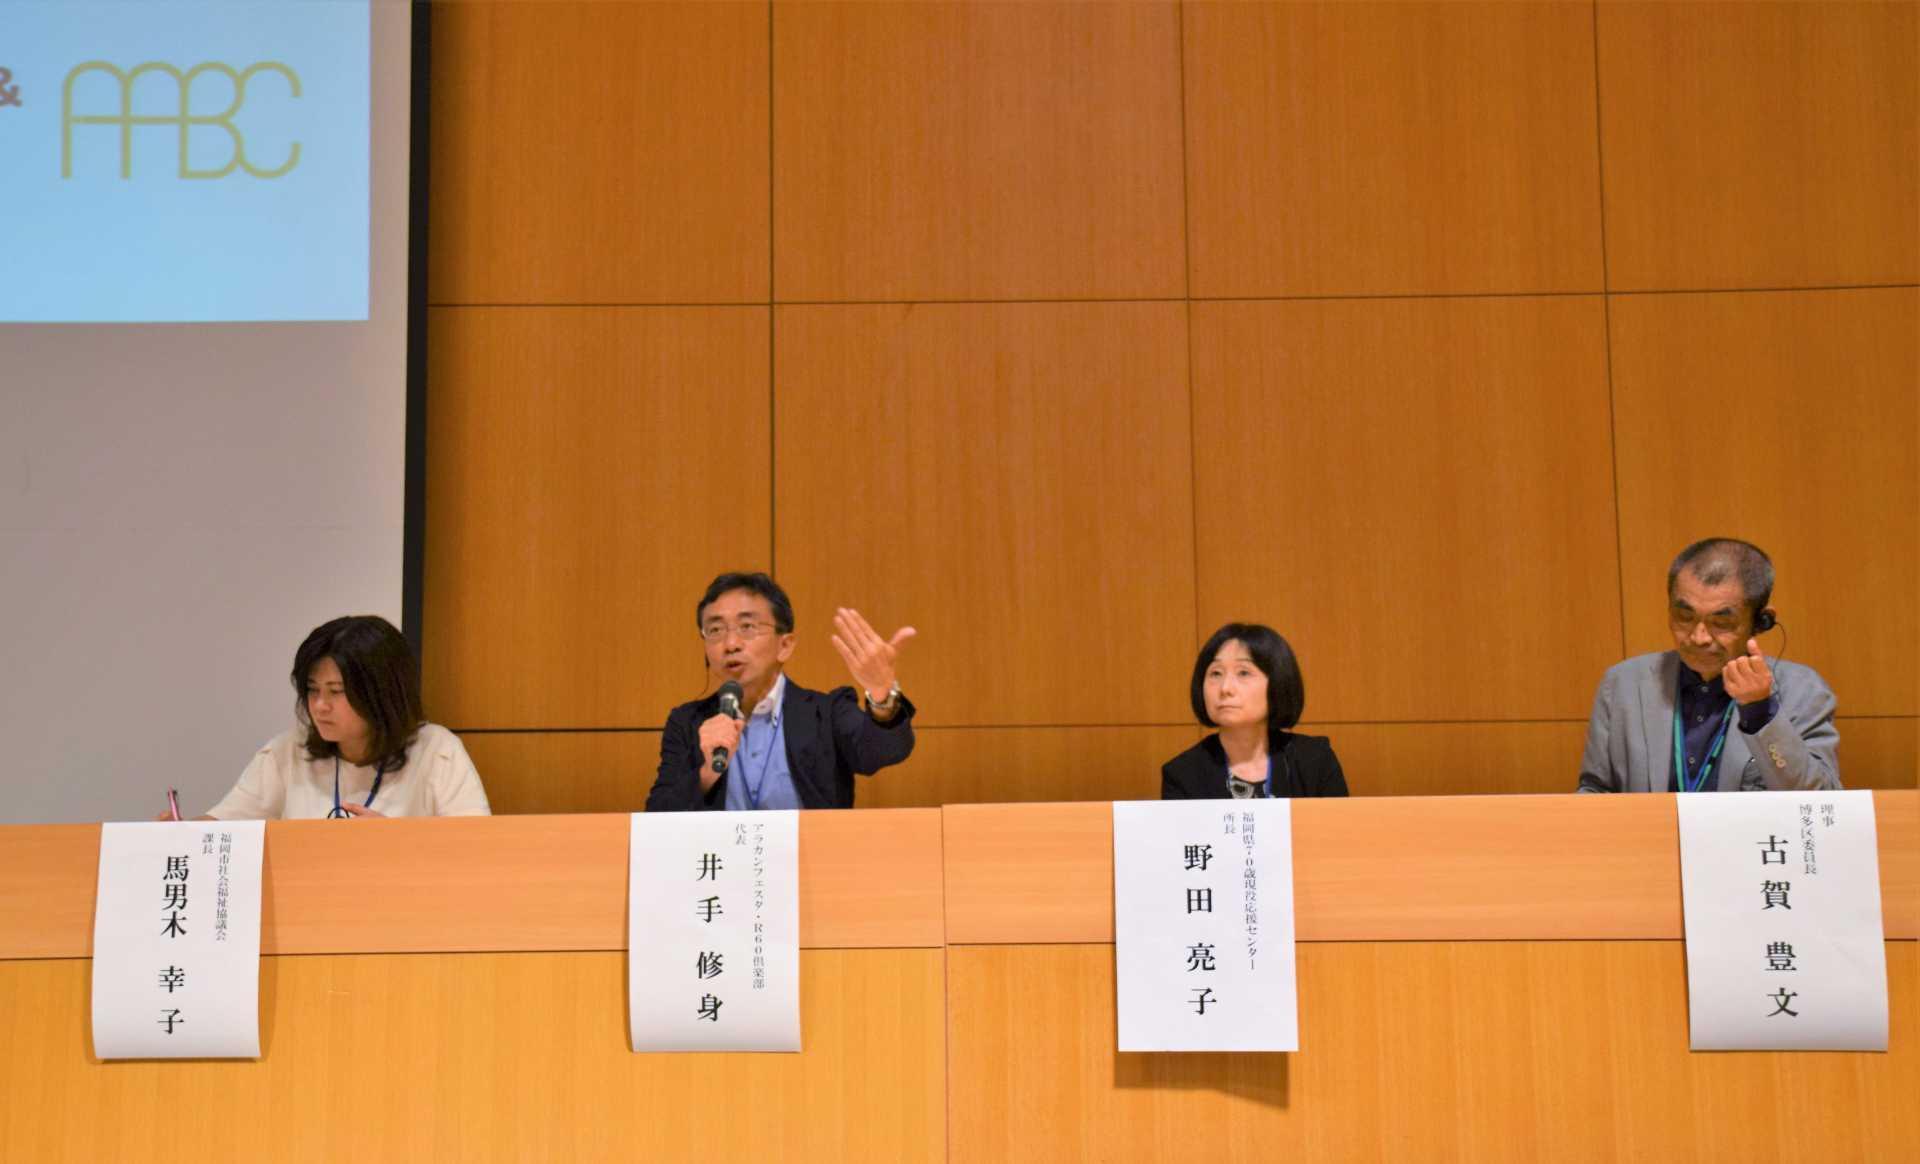 シンポジウムで、さまざまな取り組みを紹介する福岡県と福岡市の関係者